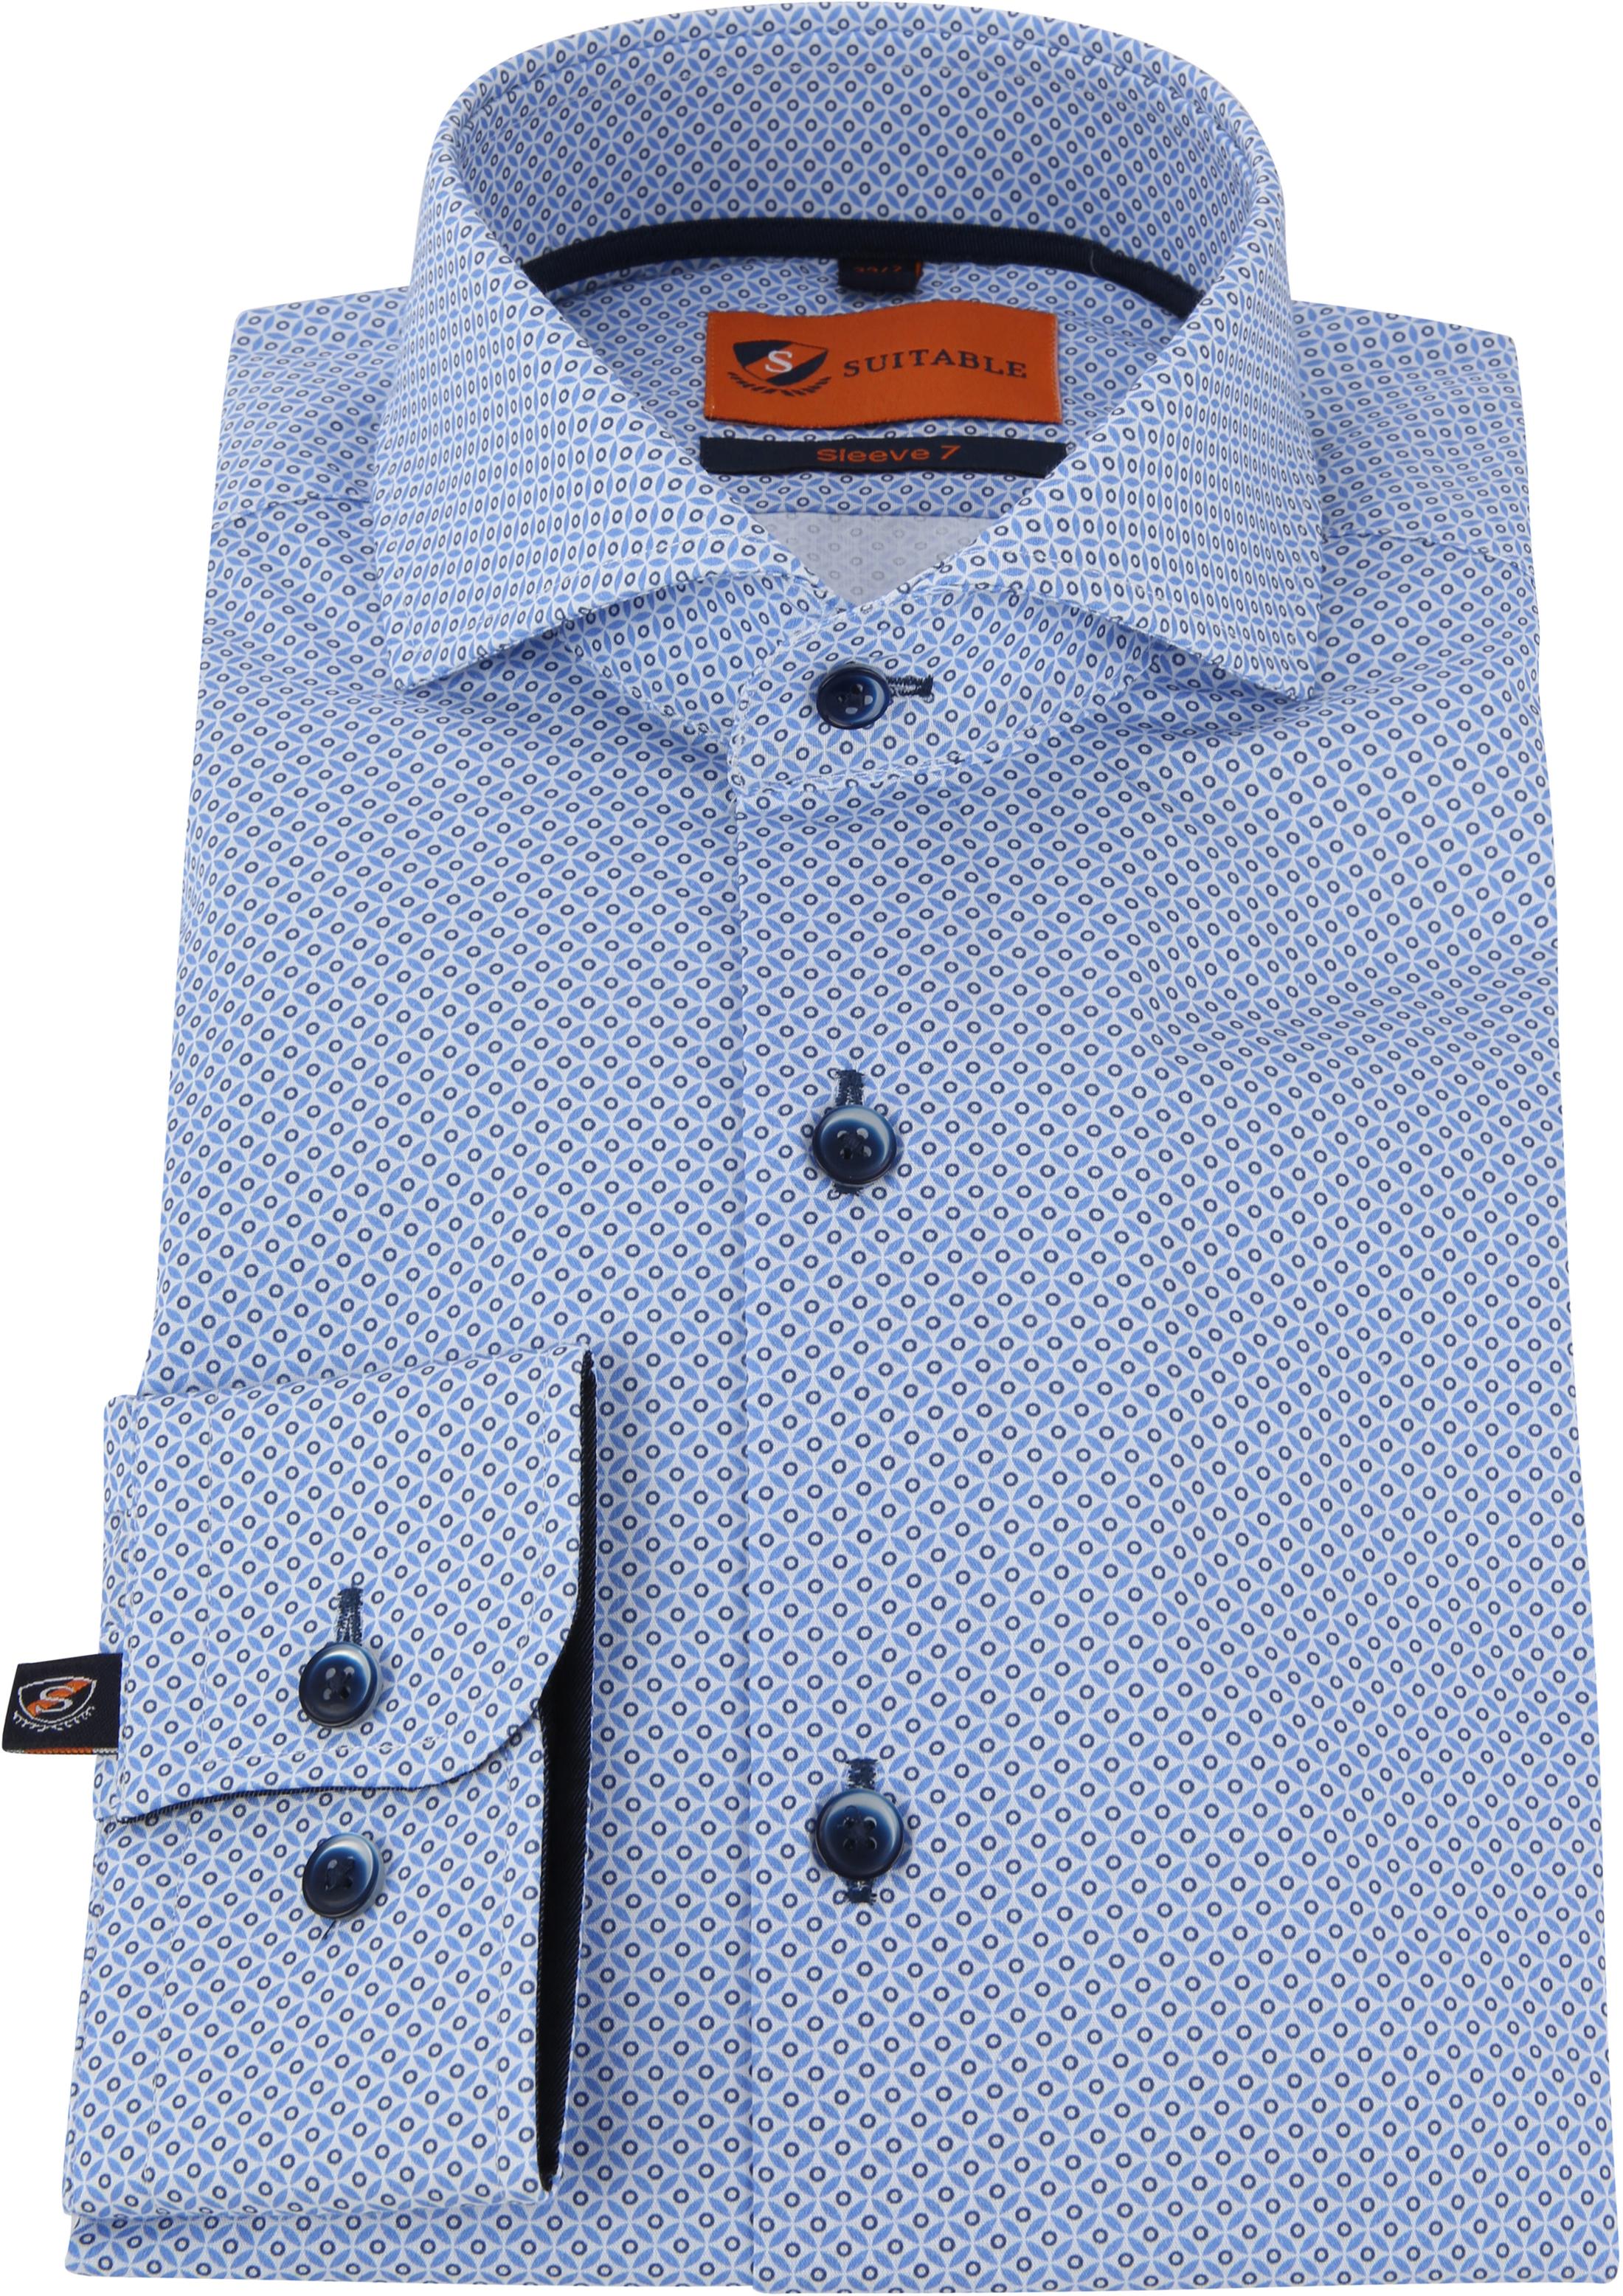 Suitable Overhemd SL7 Blauw foto 2